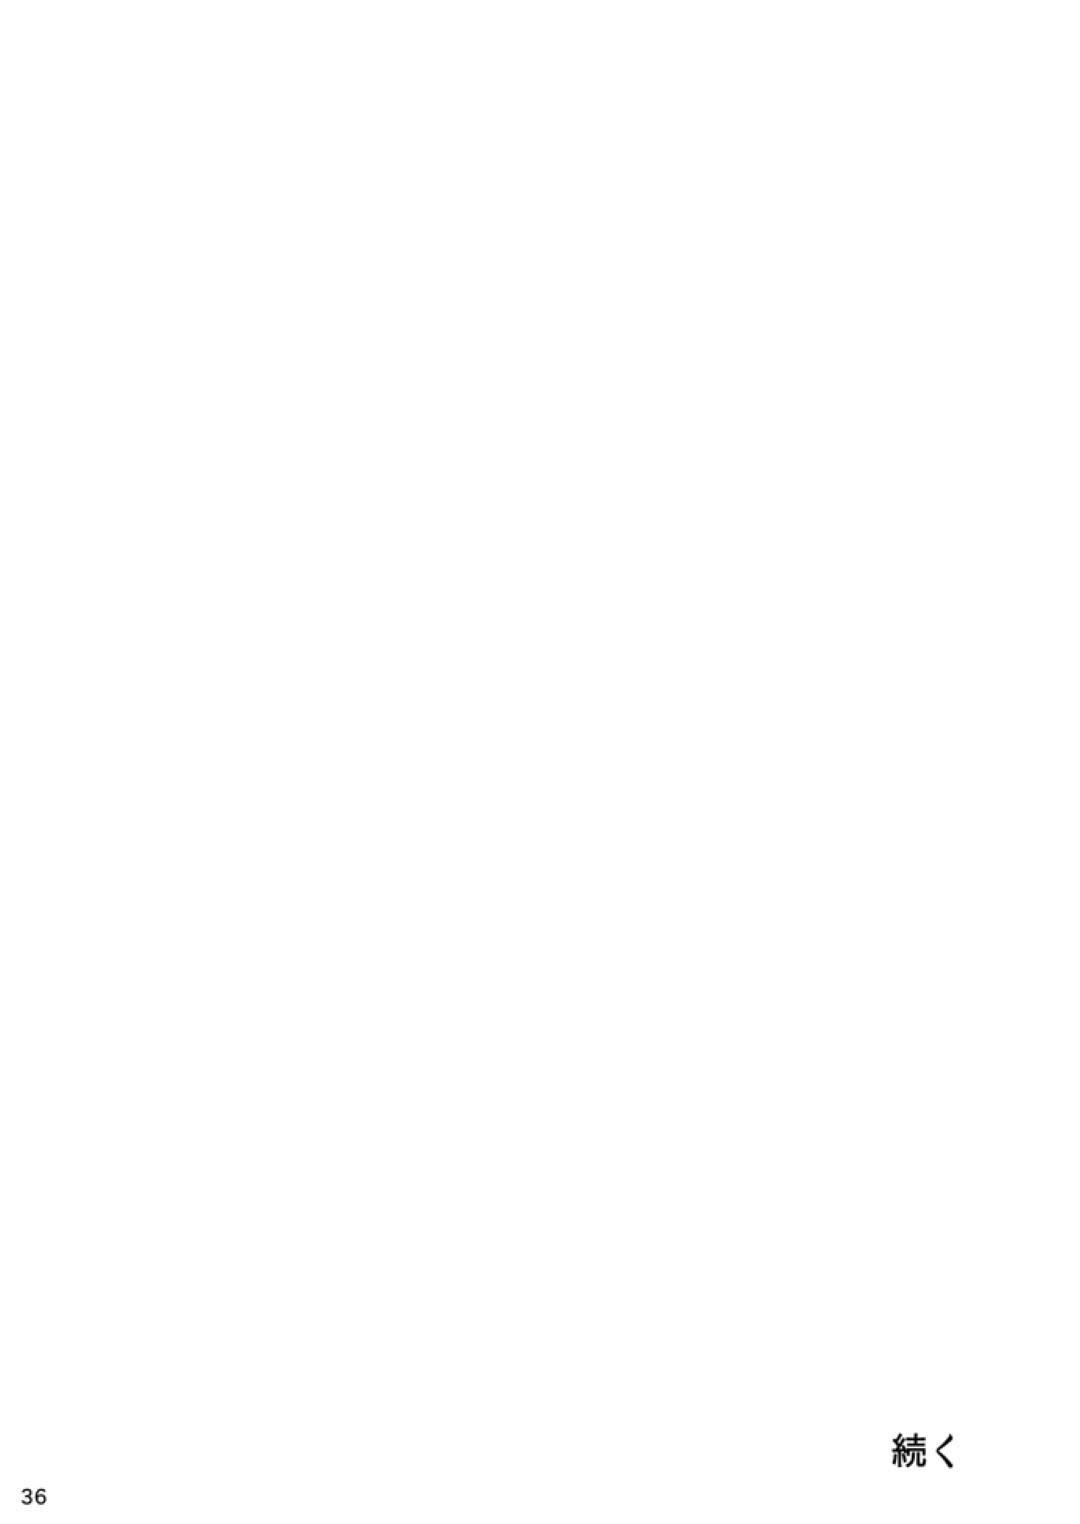 夫の部下に言い寄られ性欲を開放してしまった巨乳人妻…男とは関係が続いており、男のチンポを濃厚にフェラで愛撫し激しくセックスする。旦那からの誘いには乗れず、結局男の所へ行き生チンポを許可してアヘ顔晒して中出し痙攣アクメ!【らっそん:西住しほの知るべきじゃなかった事・中】